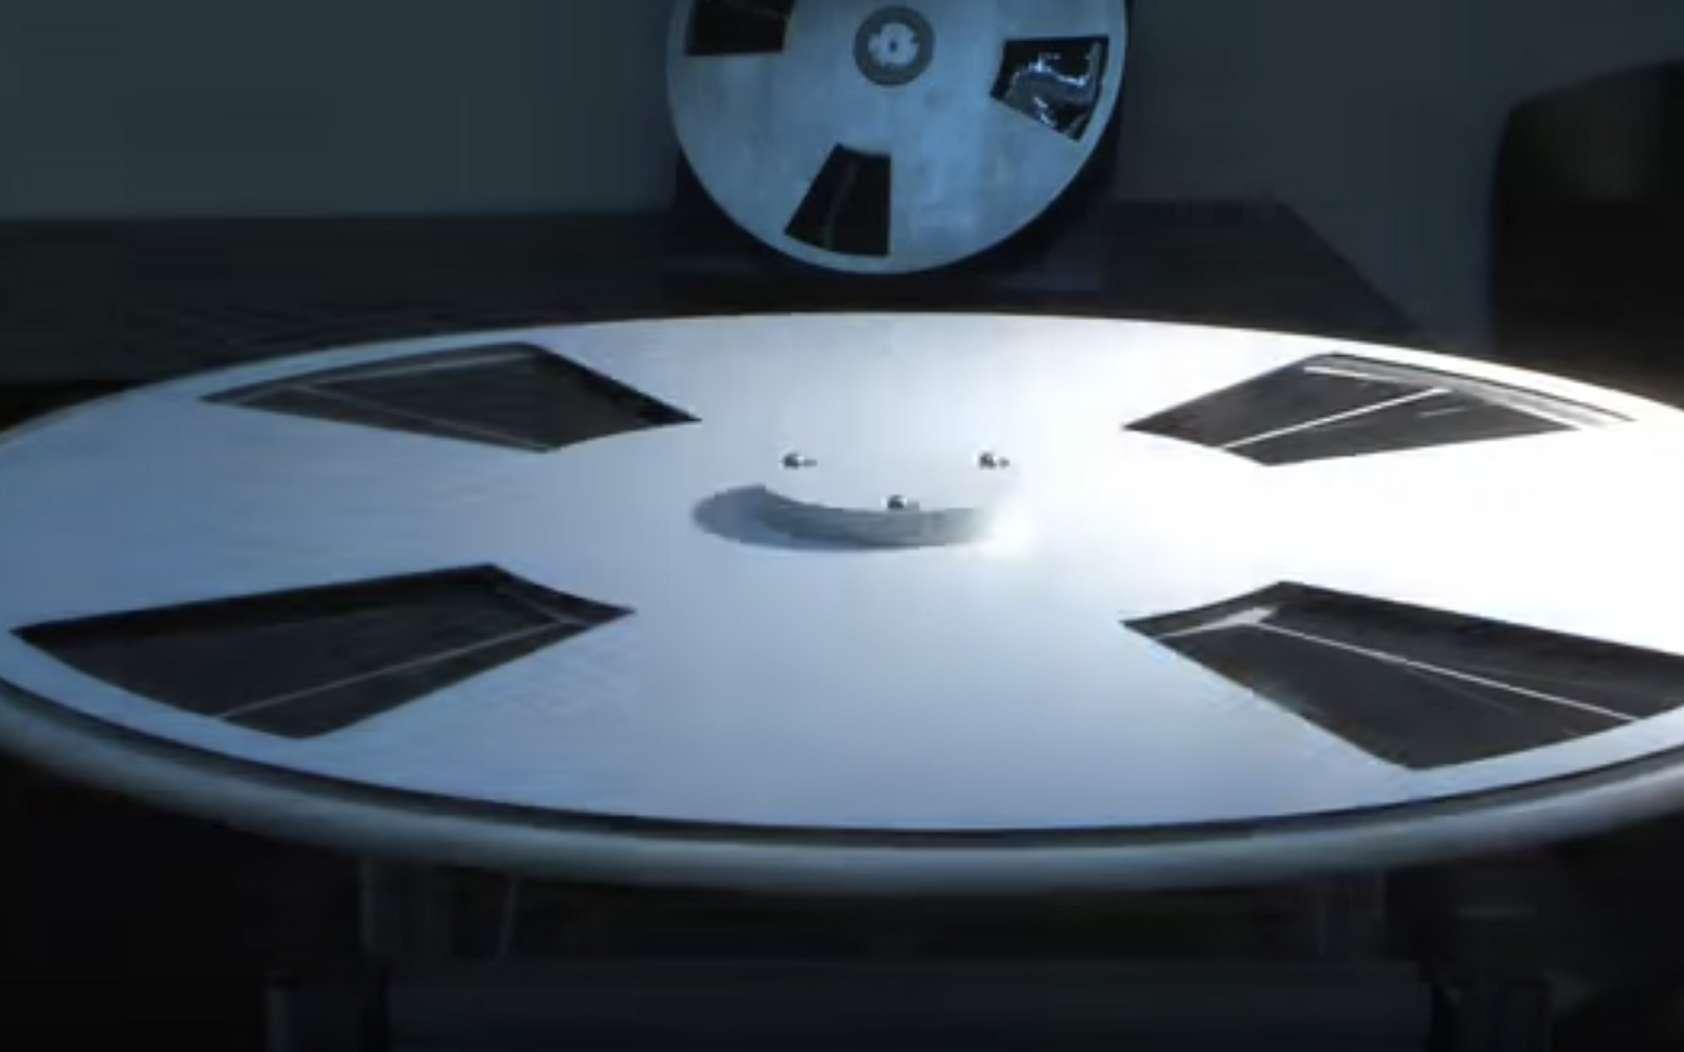 Cet objet conçu par la start-up Saurea et qui ressemble à une soucoupe volante est un moteur solaire. Son axe se met à tourner quand on l'expose au soleil. © Saurea